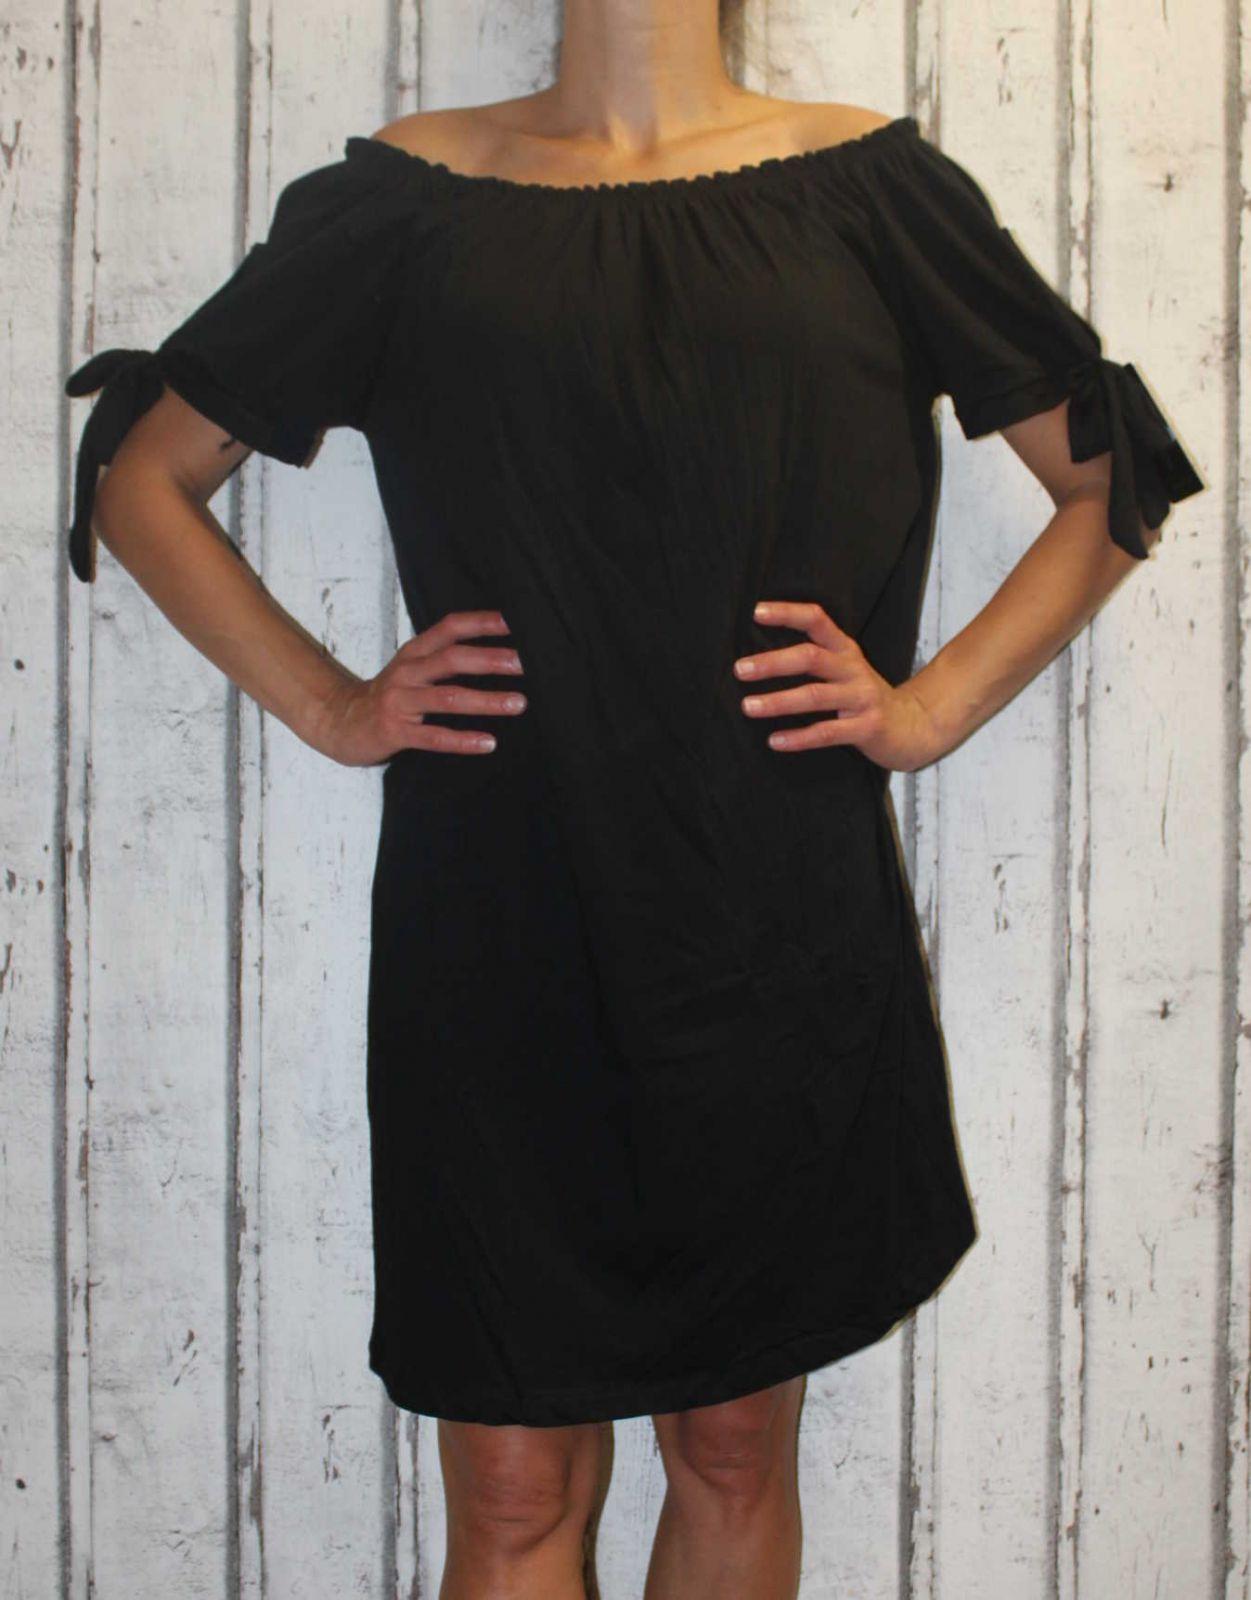 Dámské letní šaty, plážové šaty, dámské bavlněné šaty, pohodlné šaty dámské šaty volný střih Italy Moda